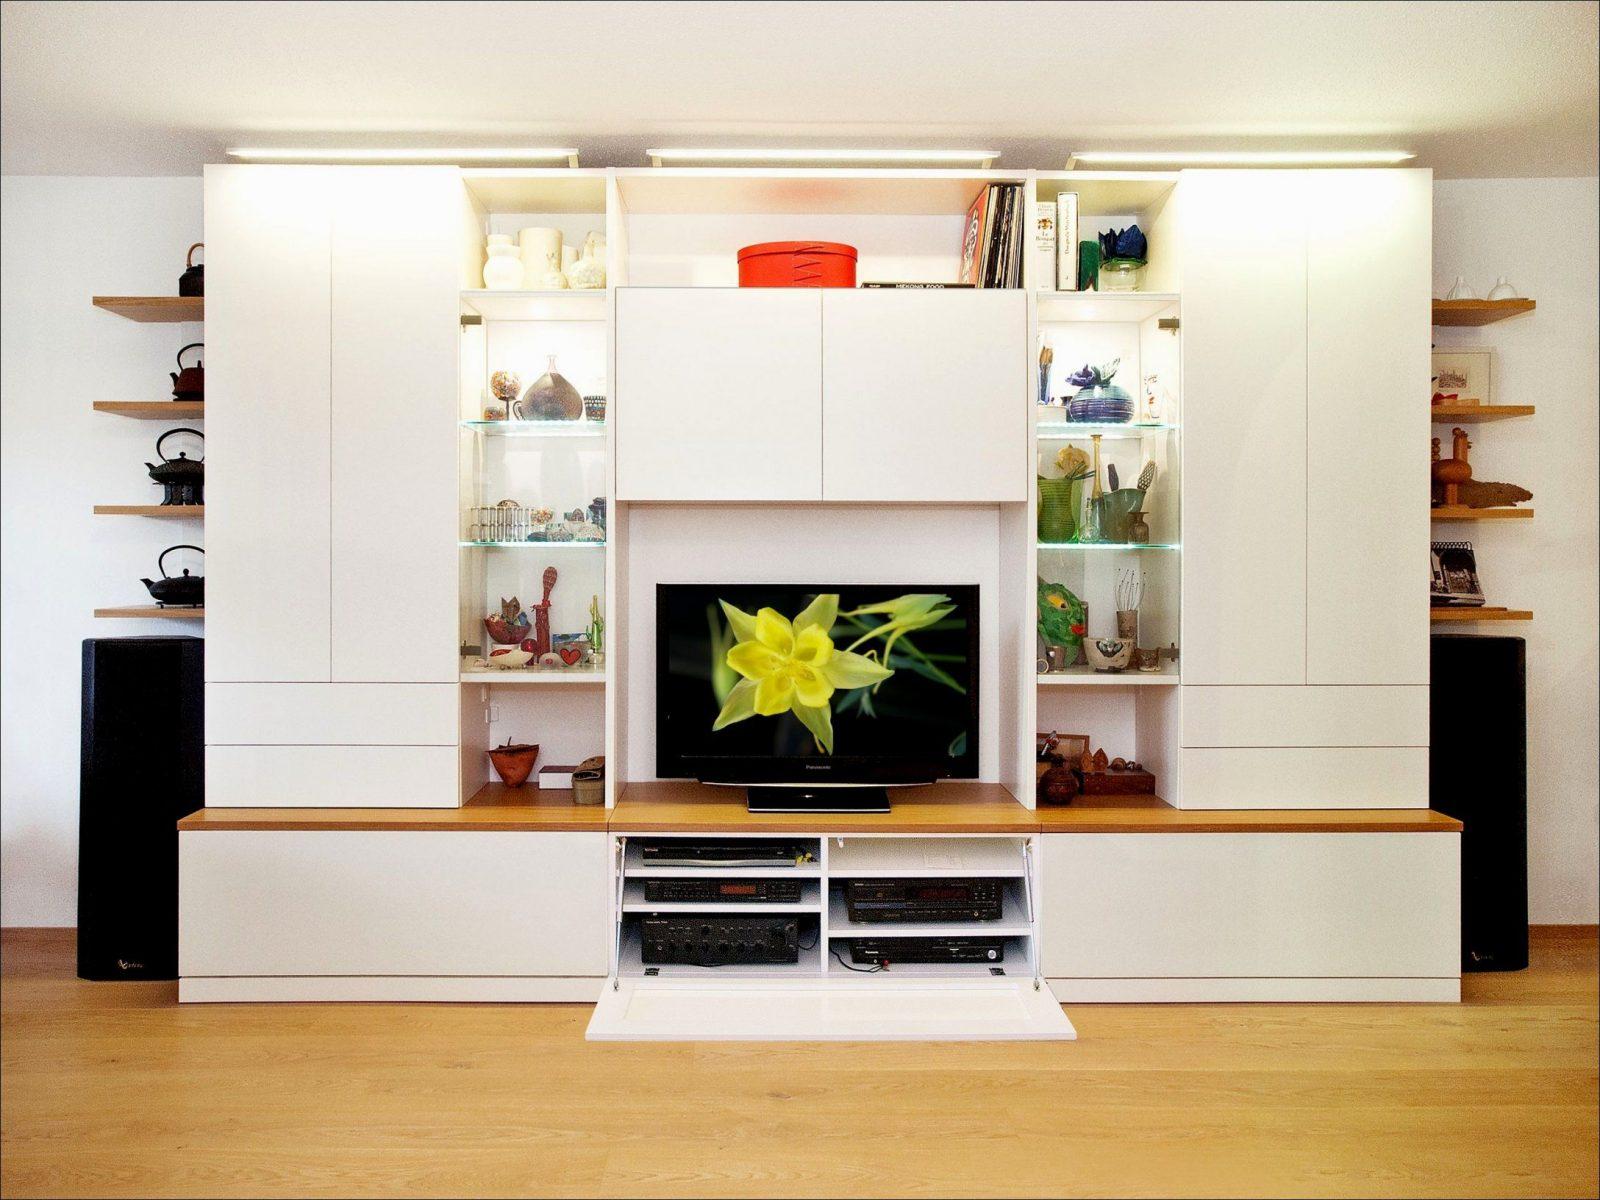 Hervorragend Wohnwand Mit Integriertem Kleiderschrank Cool Best Of von Wohnwand Mit Integriertem Kleiderschrank Bild